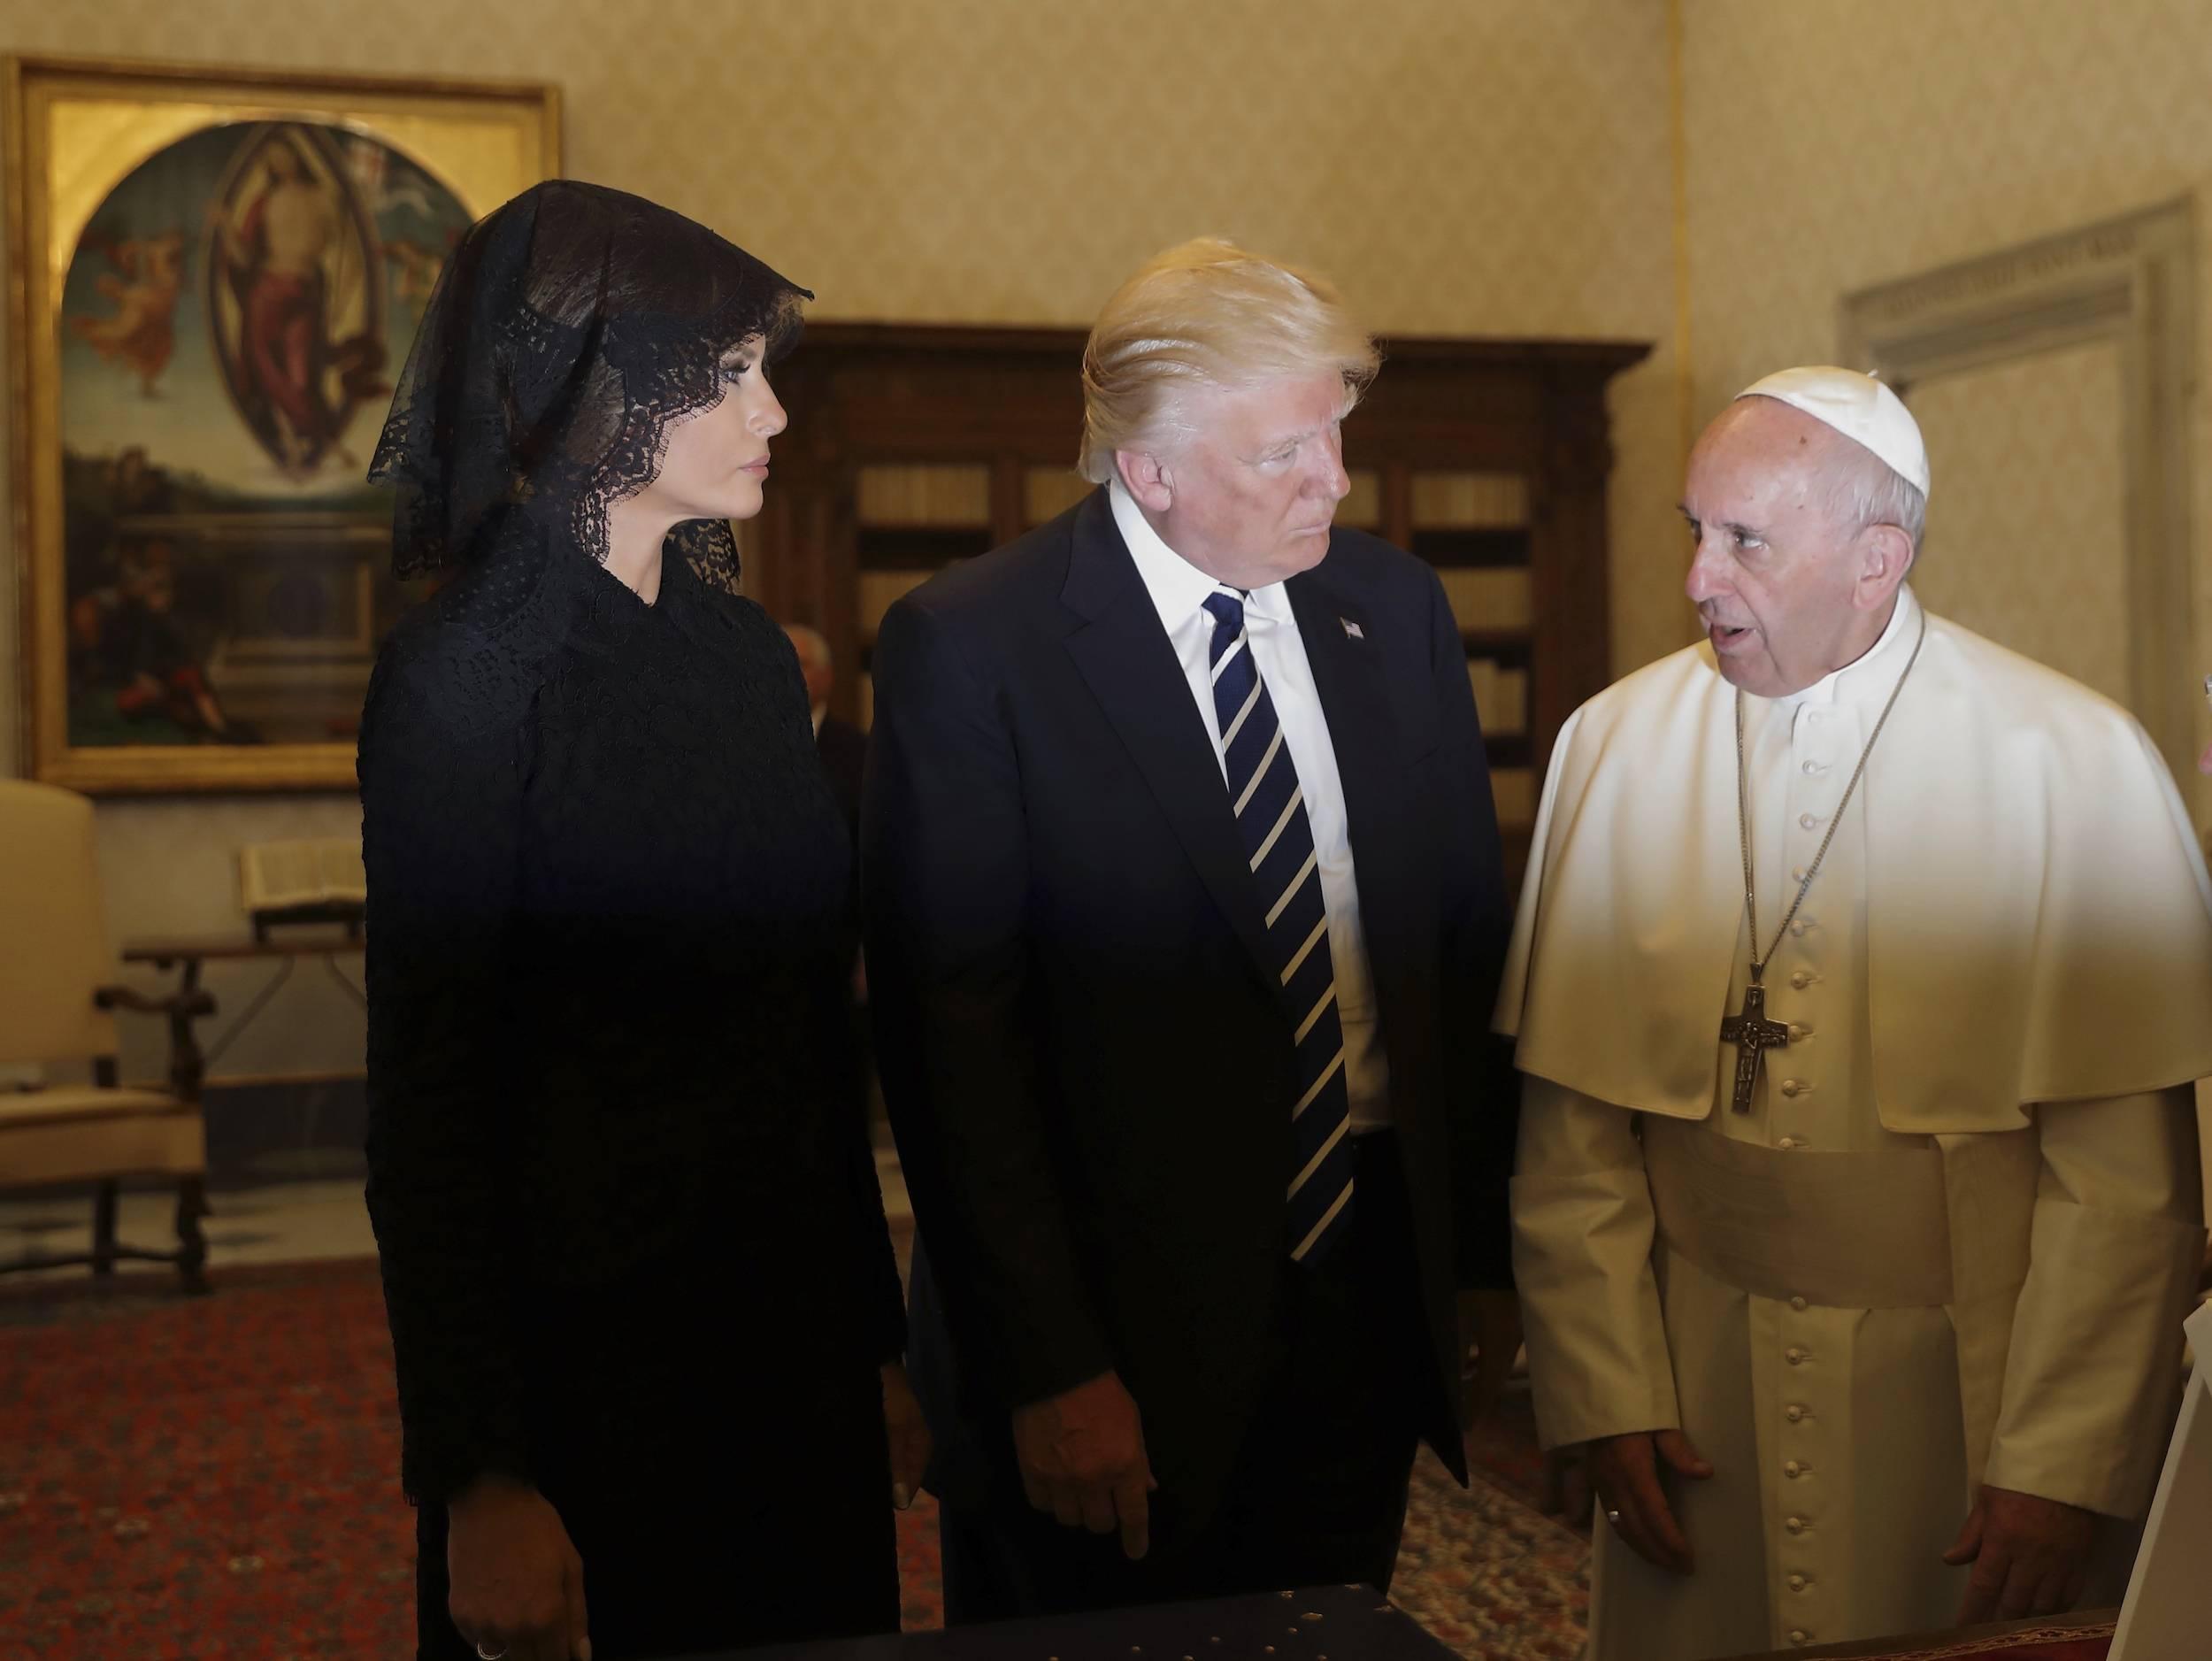 El Papa Francisco en la audiencia privada junto al presidente Donald Trump y la primera dama, Melania Trump. / Foto: AP